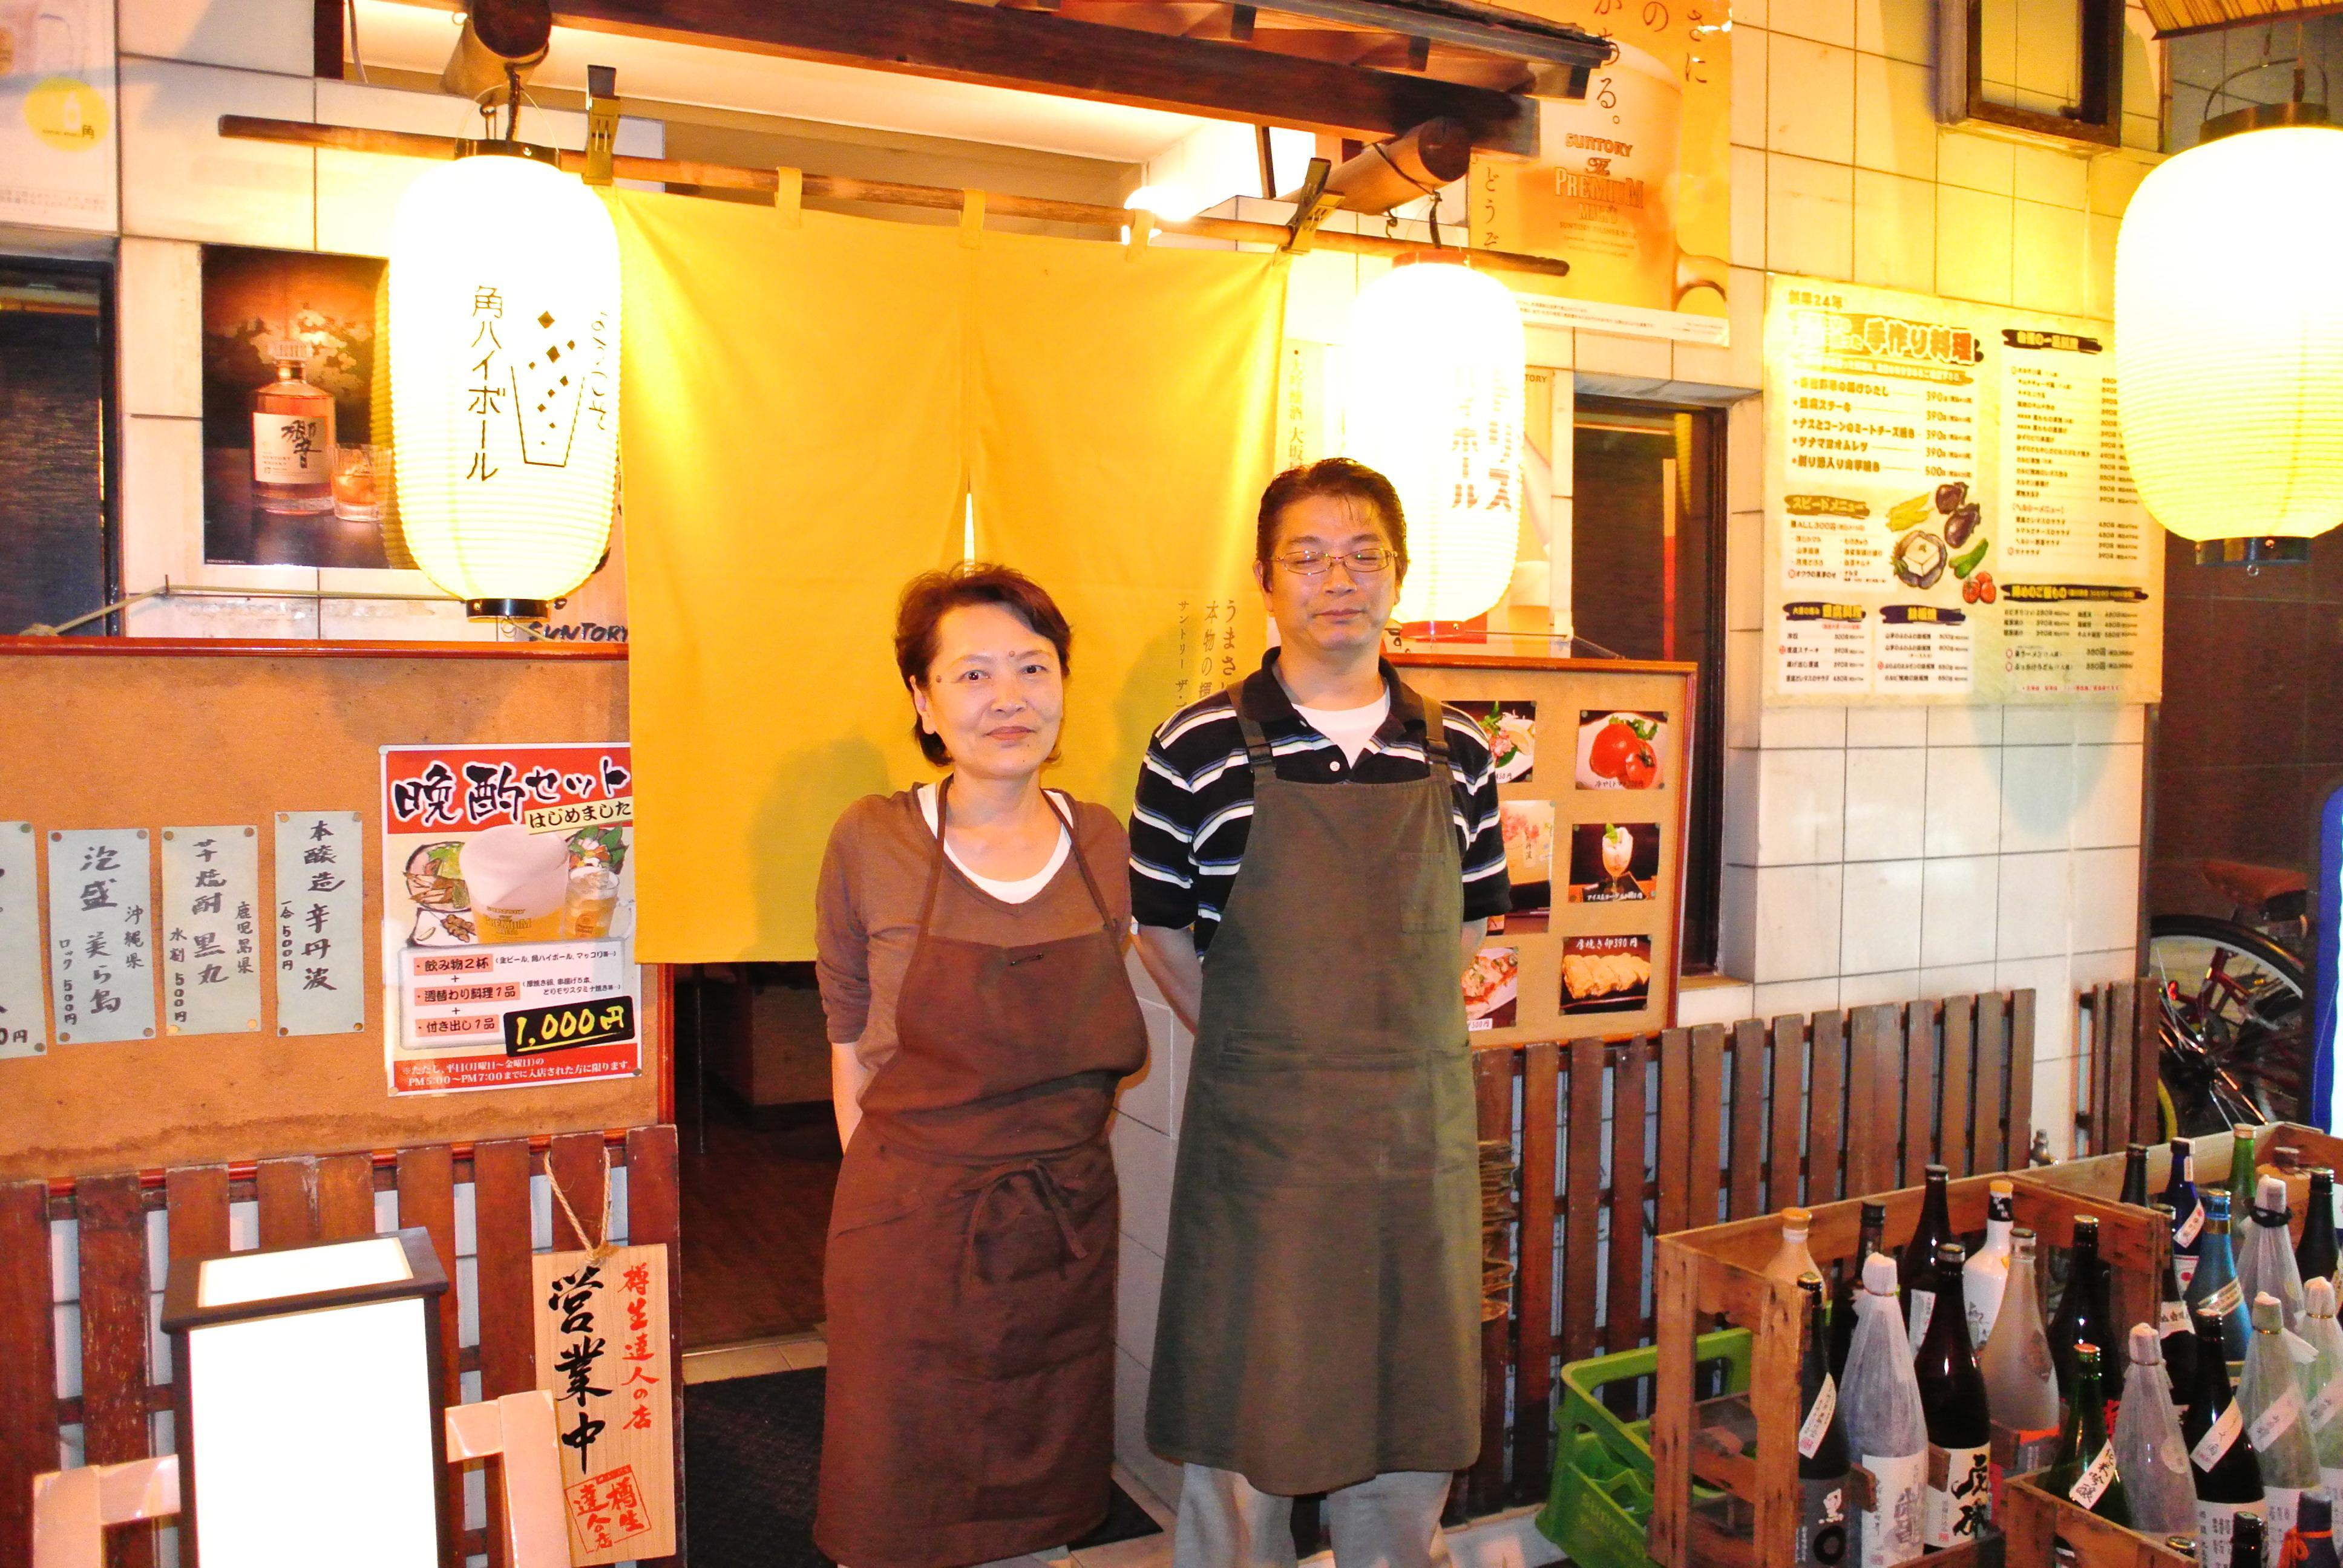 高松市周辺_居酒屋 さんとす_写真2